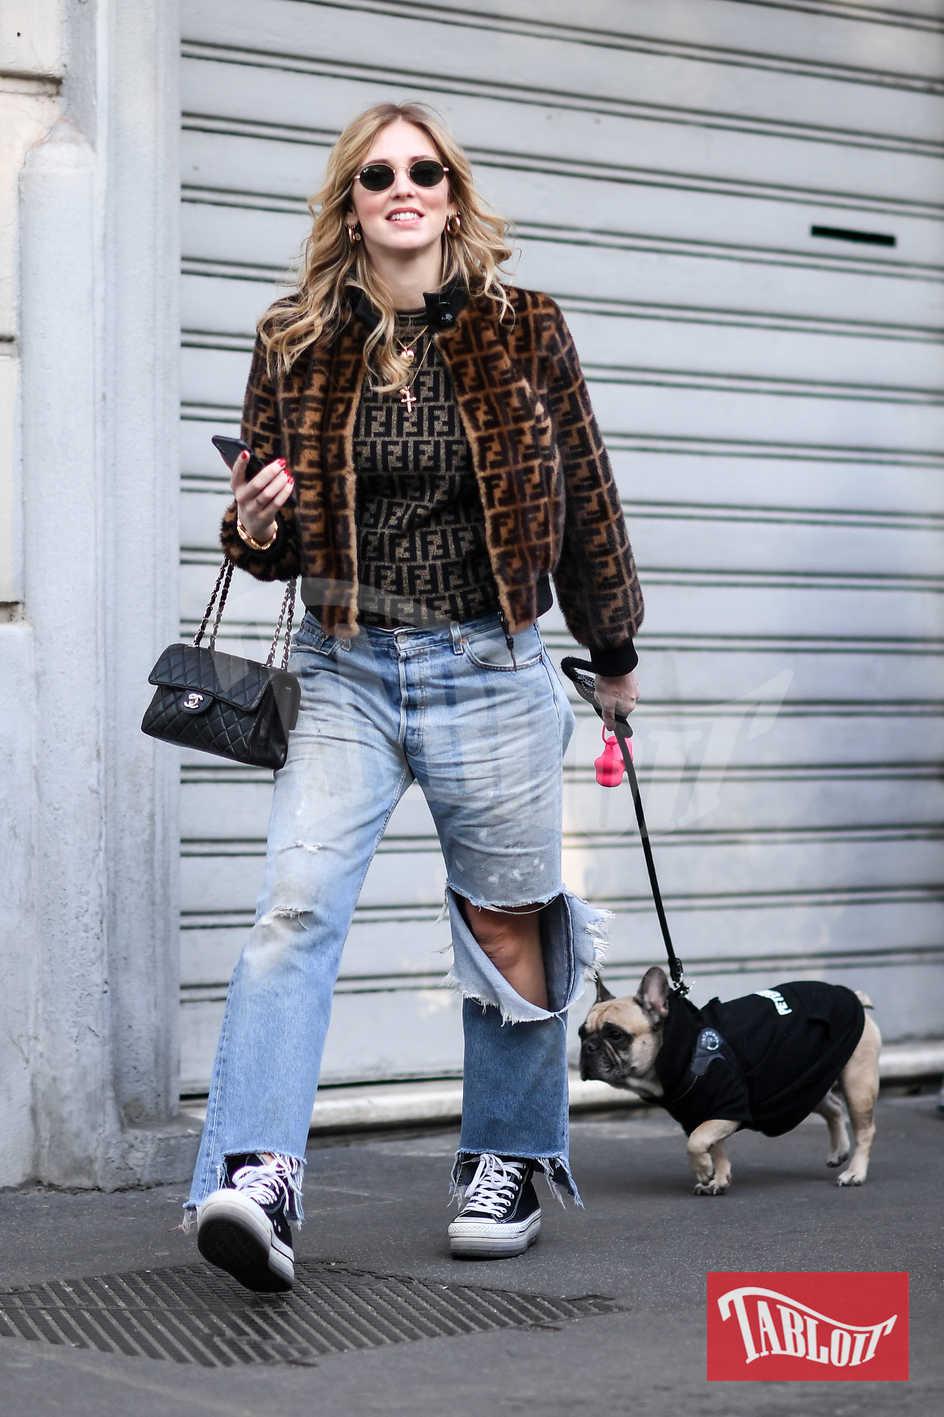 Chiara porta Matilda a fare una passeggiata. Immancabile lo smartphone in mano, per aggiornare i propri follower di ogni suo spostamento